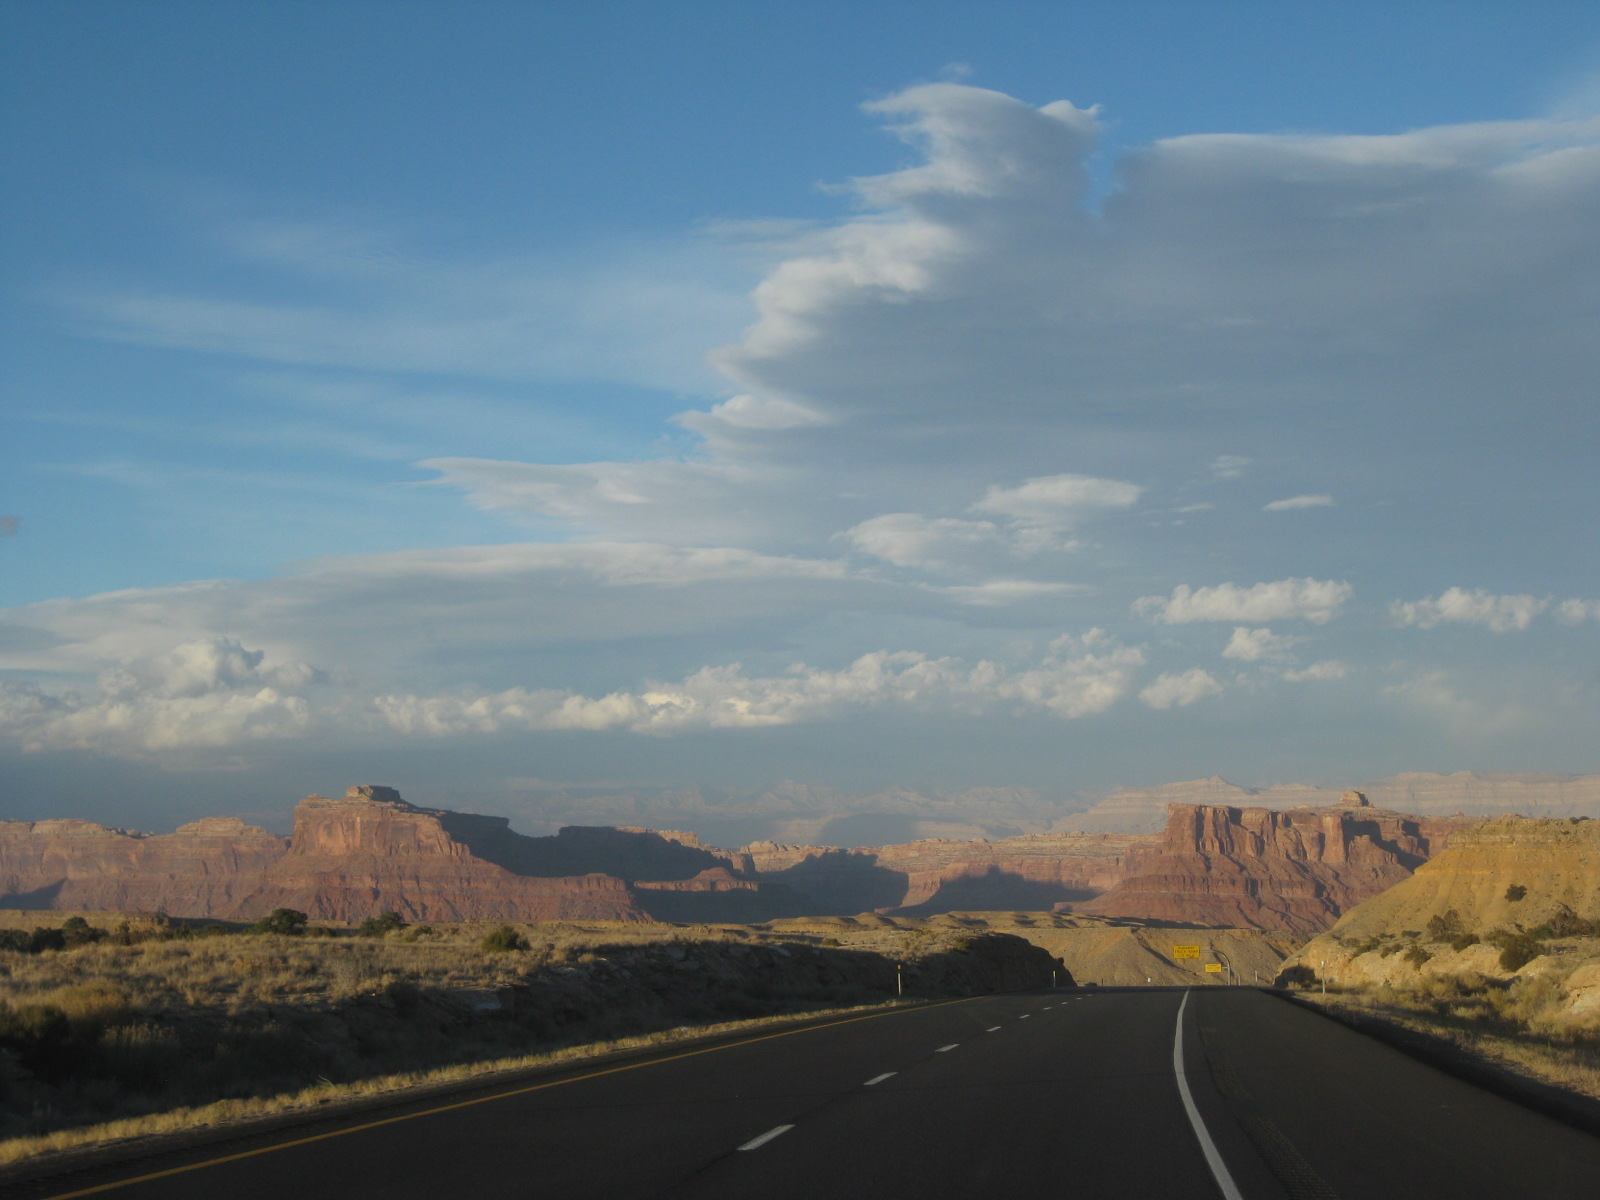 Moab Slickrock and sandstone